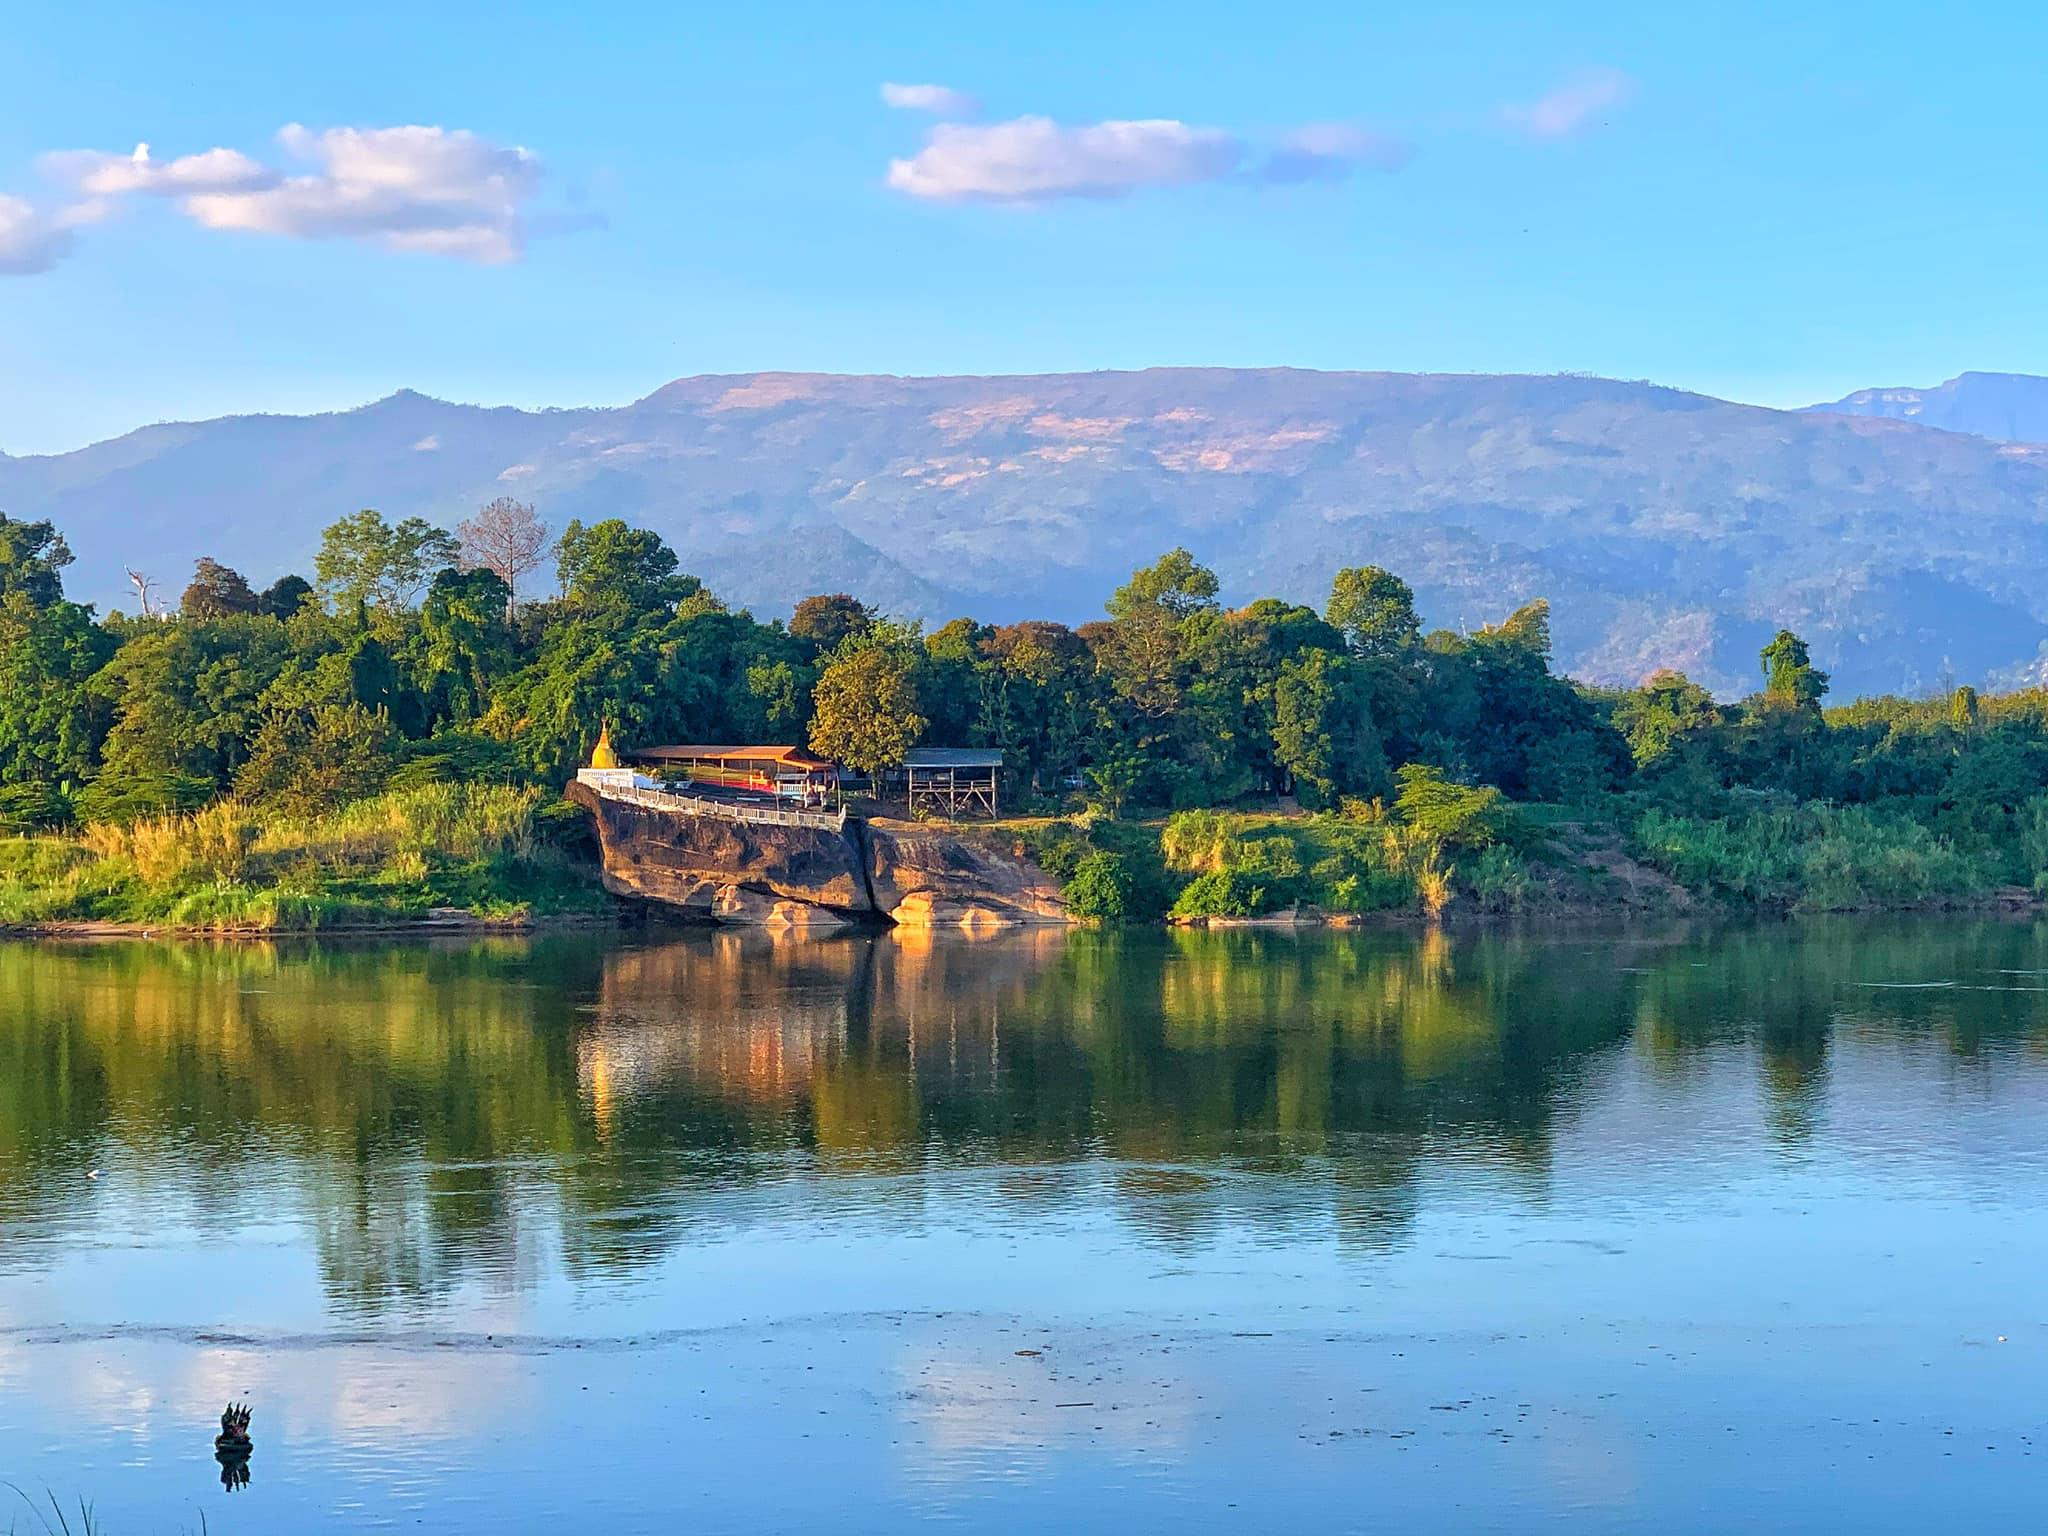 Road Trip to Thailand main city – Bangkok to Chiang mai 6 days